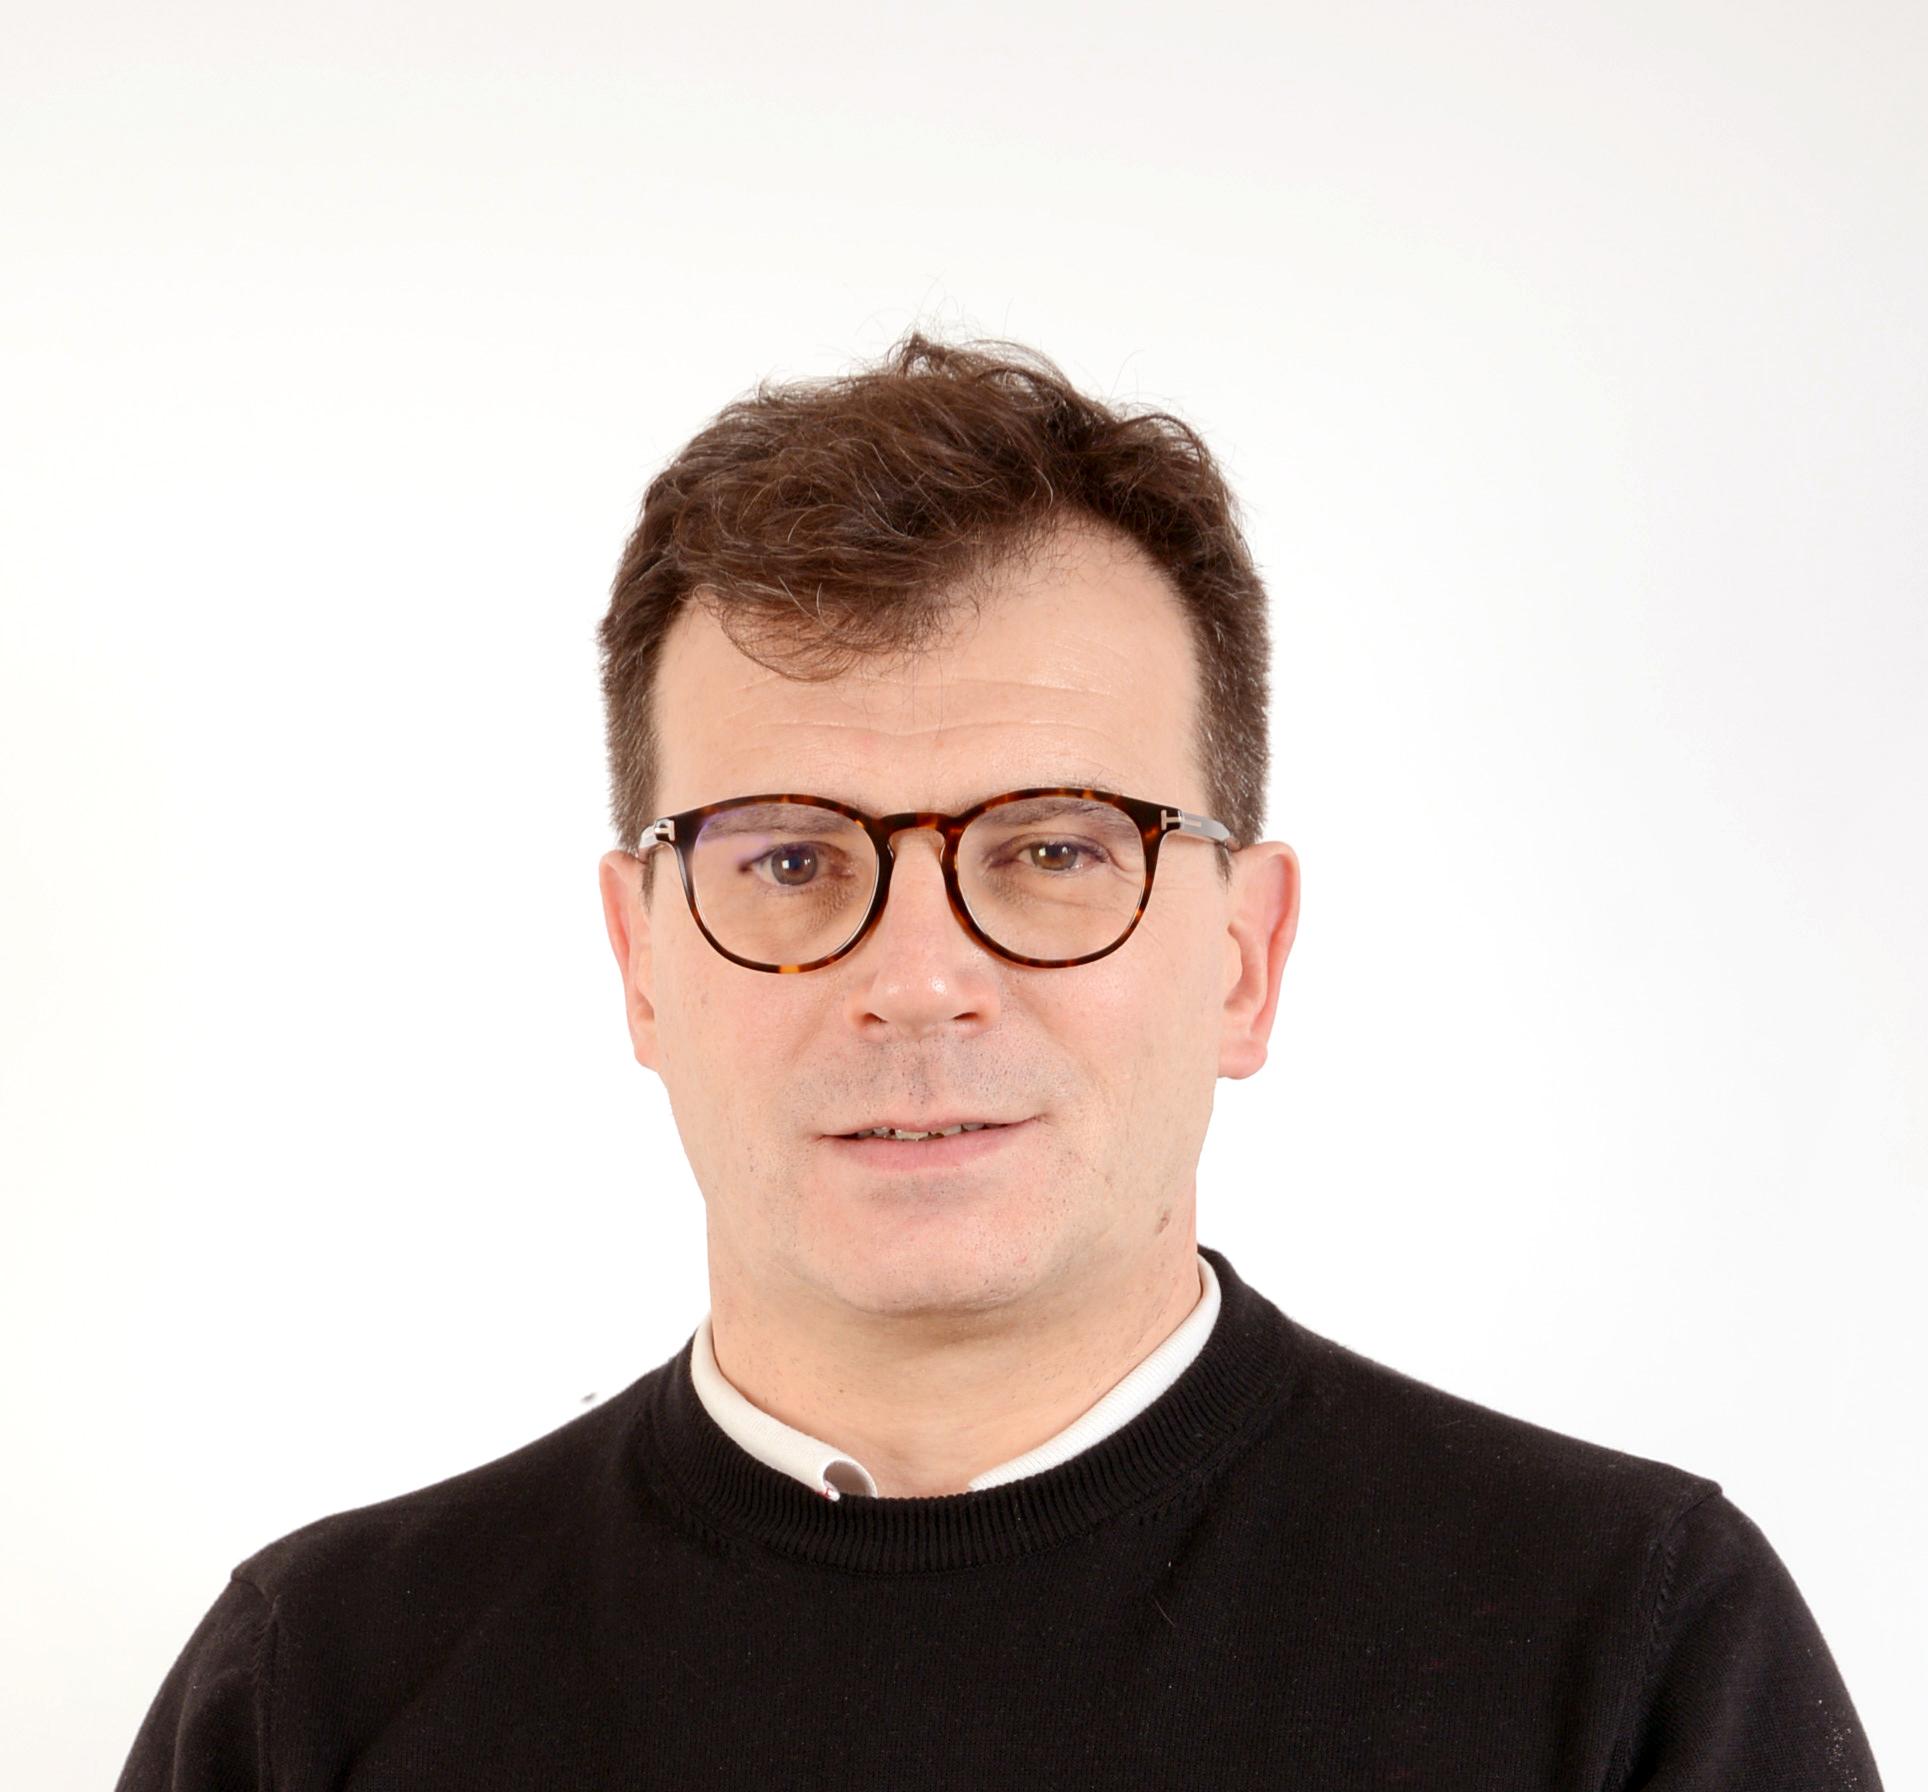 C.Meunier